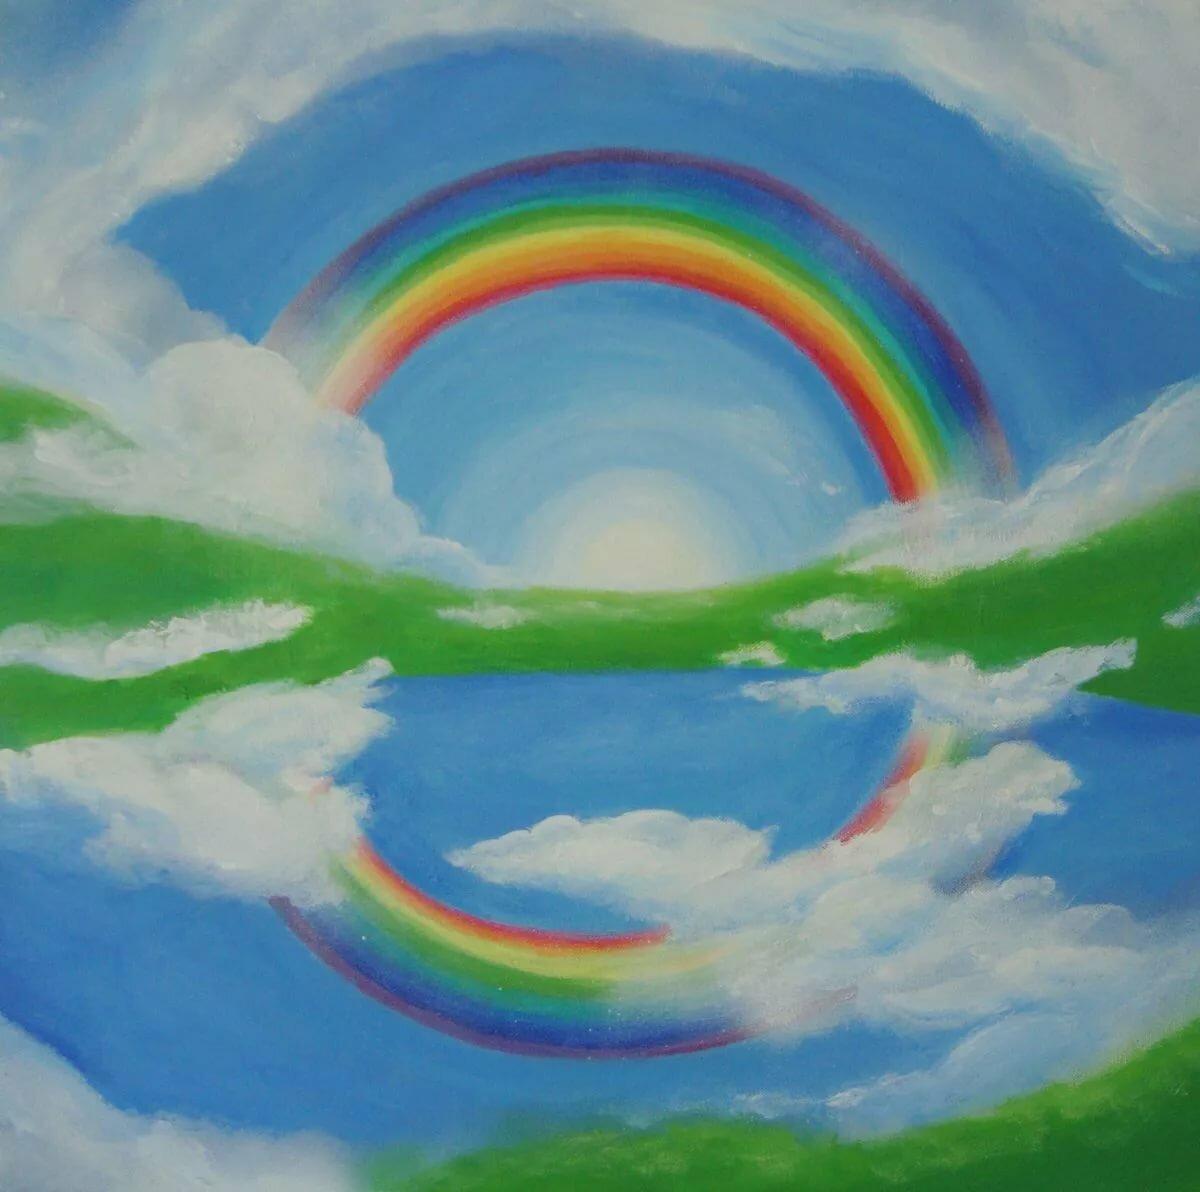 нему заварной художник рисует радугу картинка черно-белая фотография